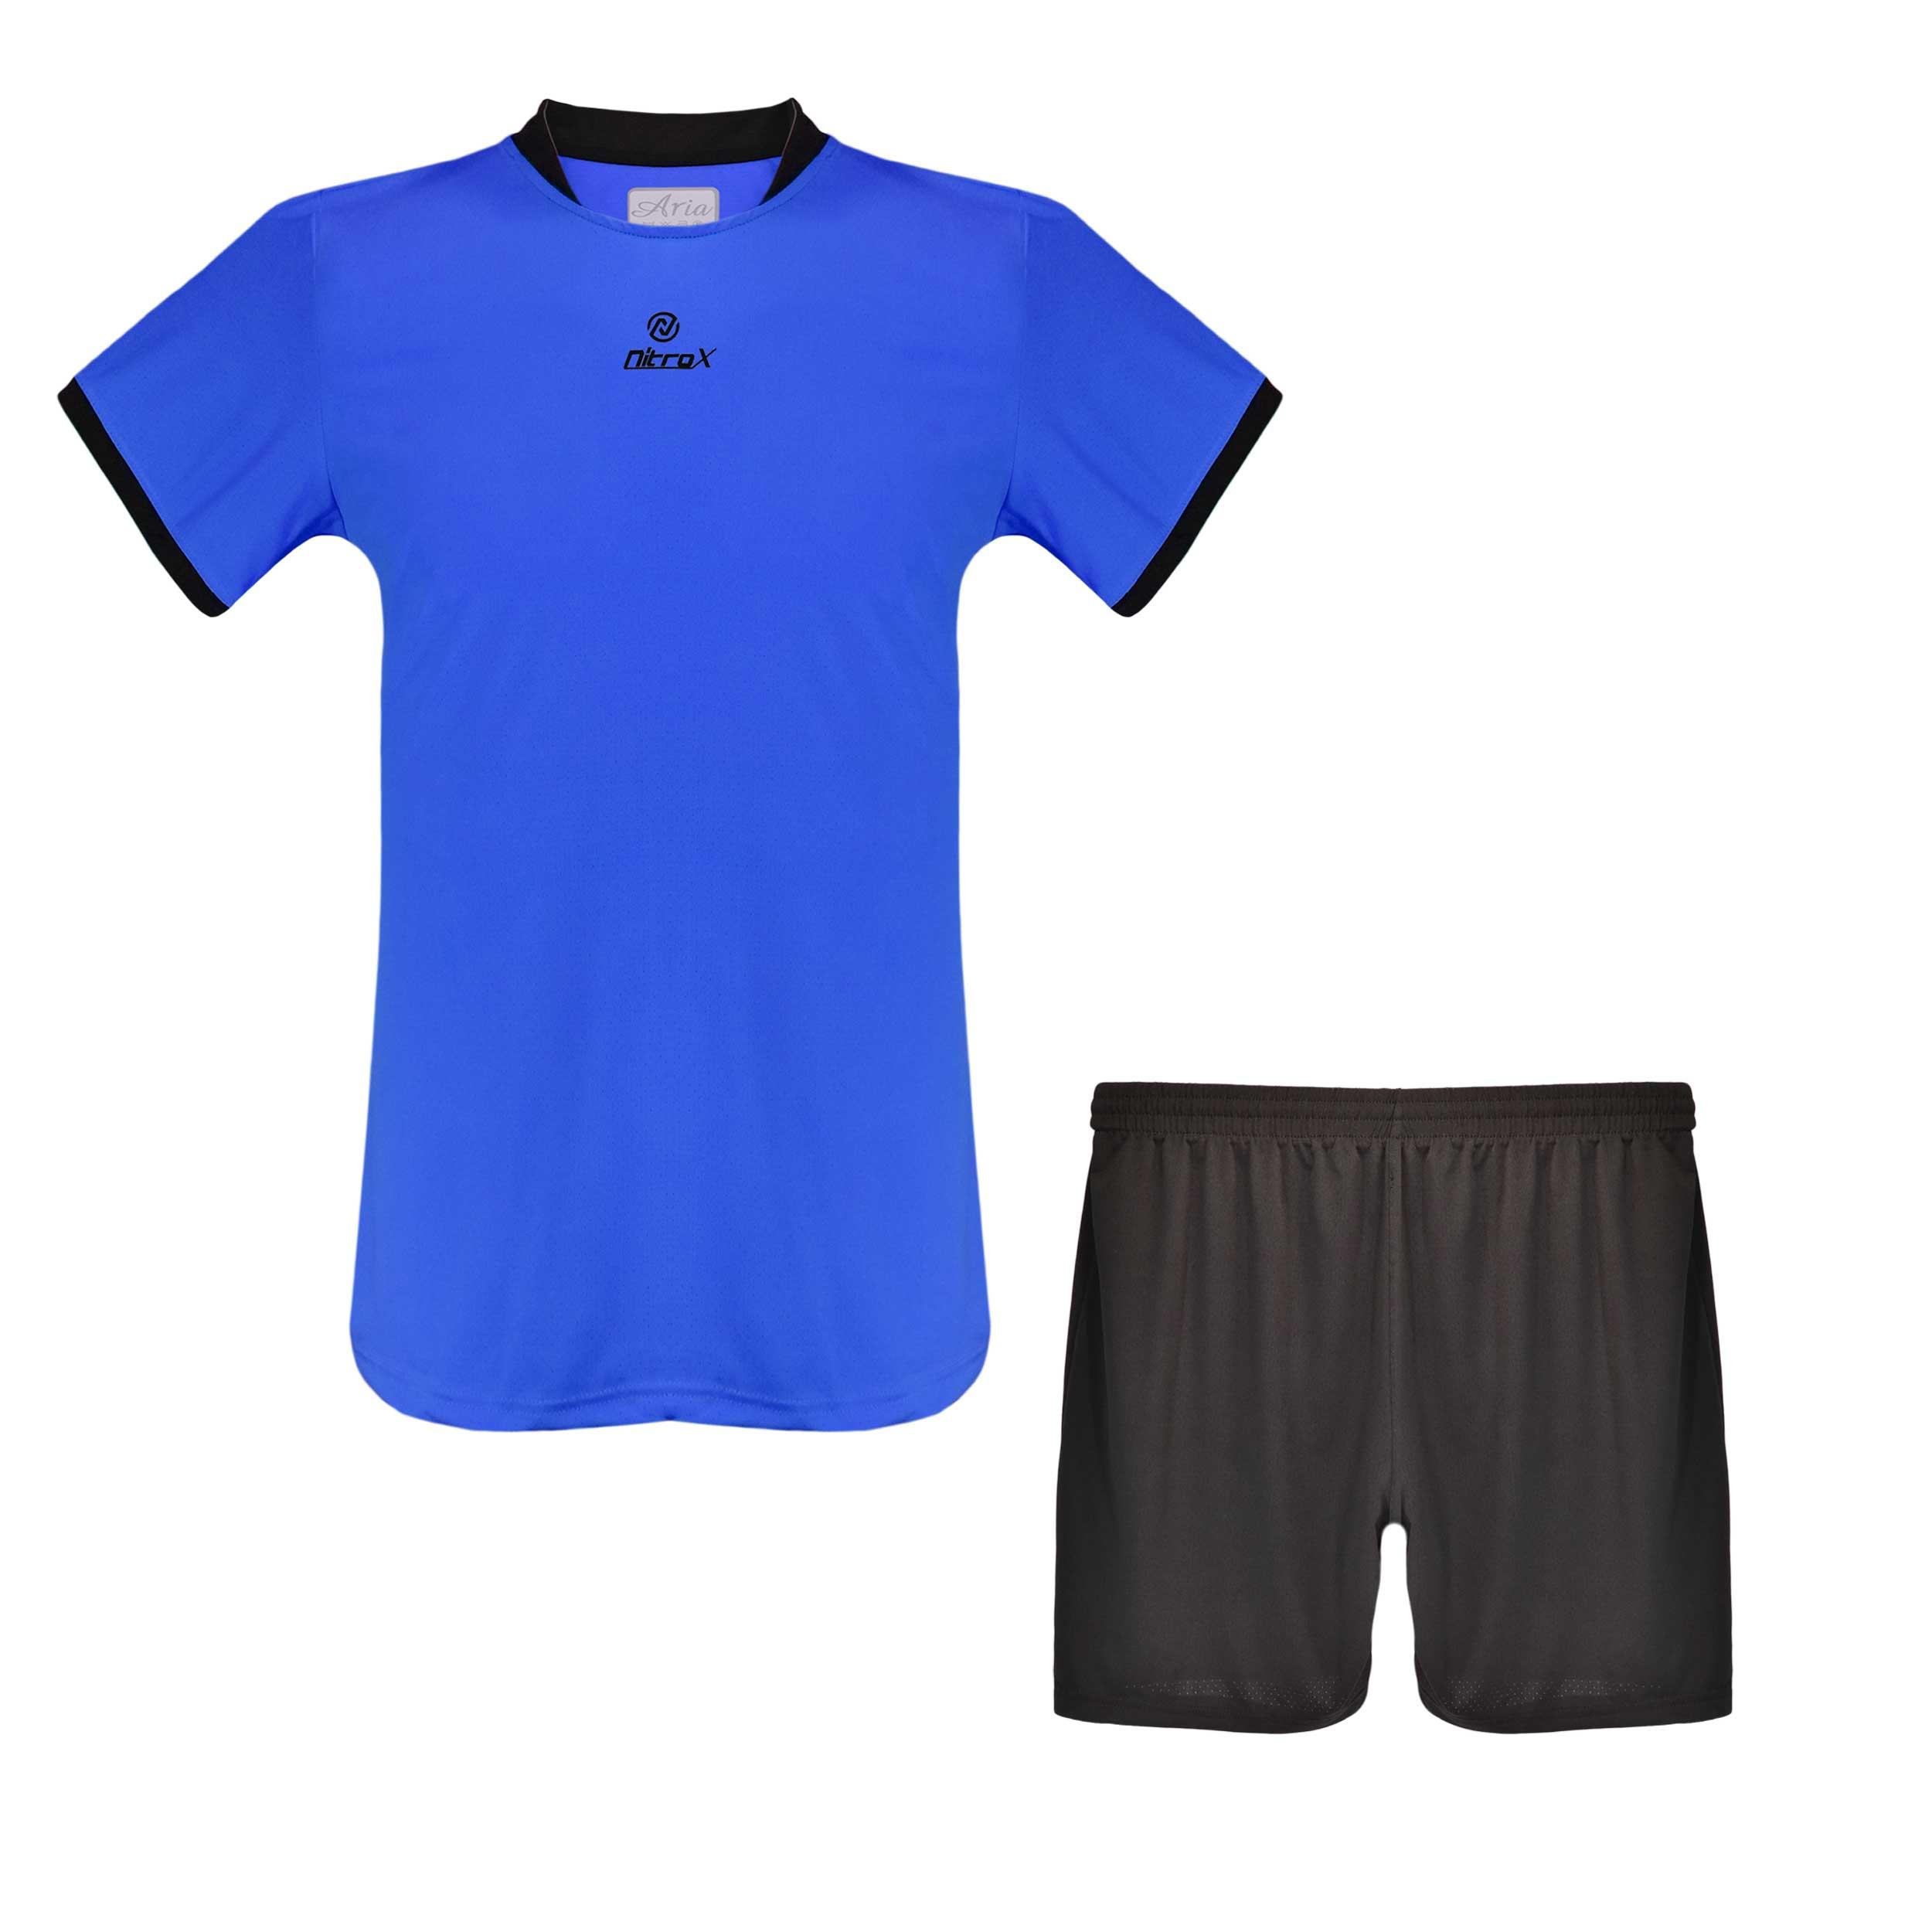 ست تیشرت و شورت ورزشی مردانه آریا طرح NITRO X کد M1653